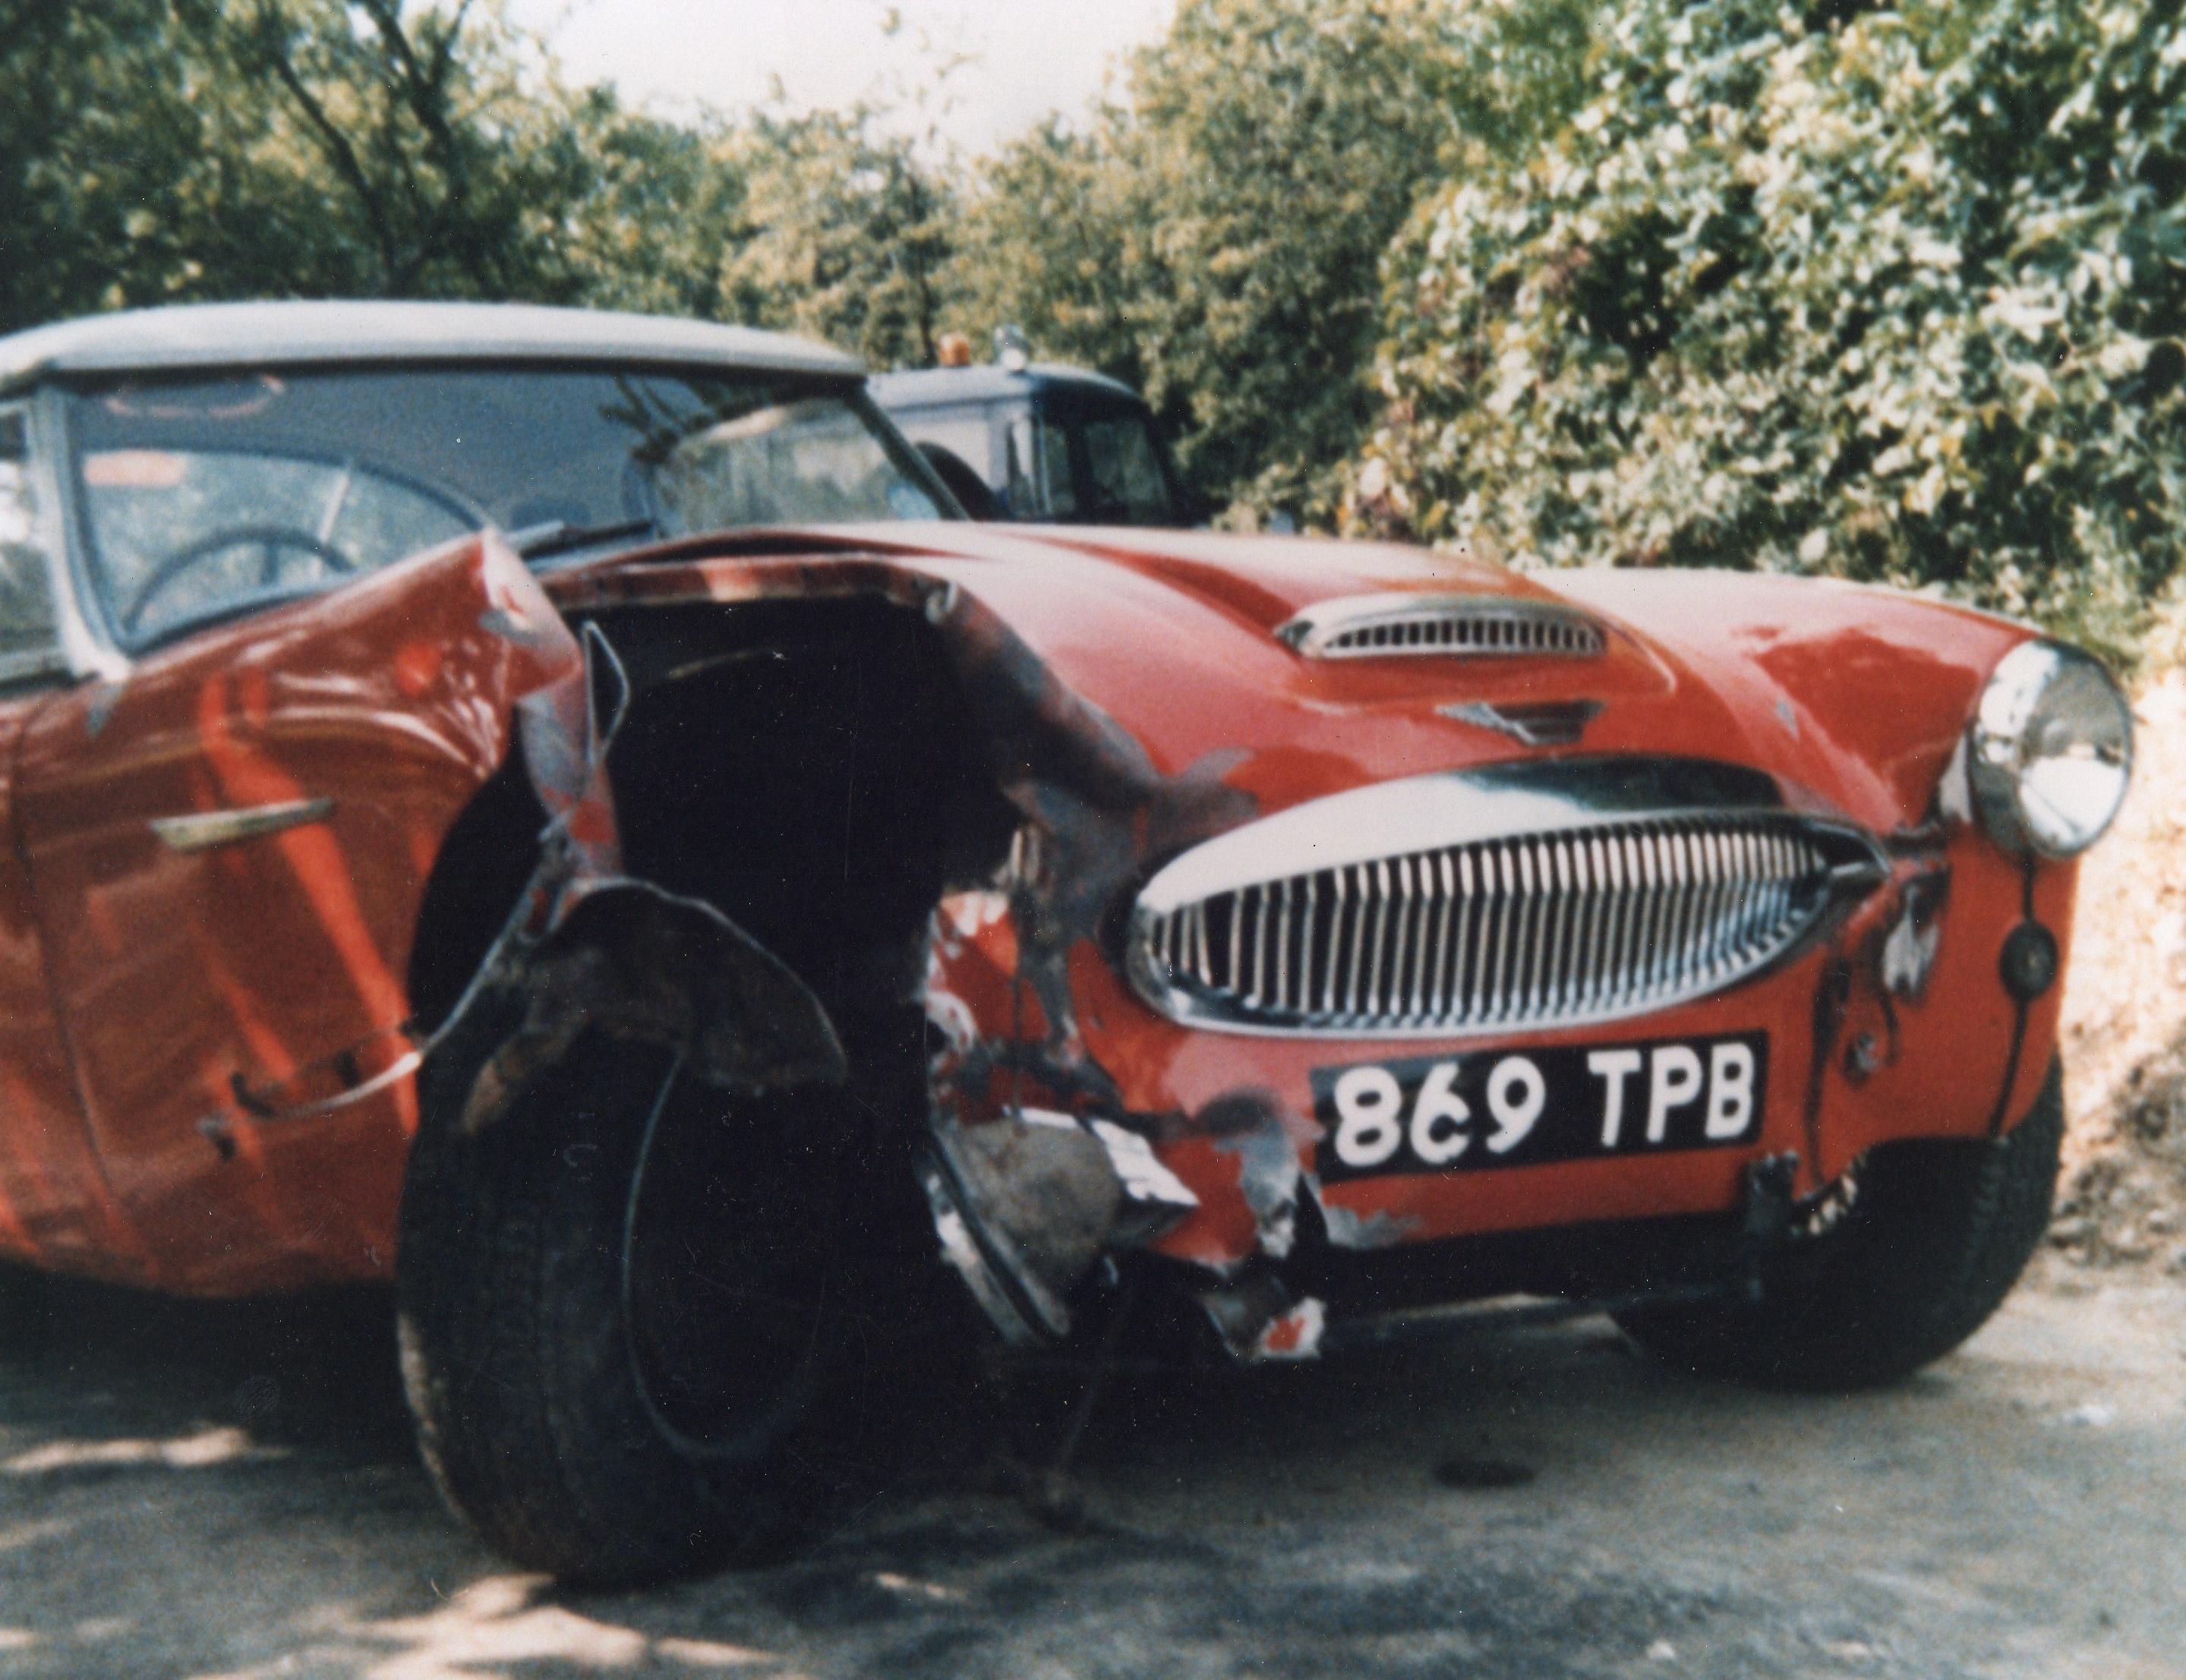 869 TPB 1 Race Damage front